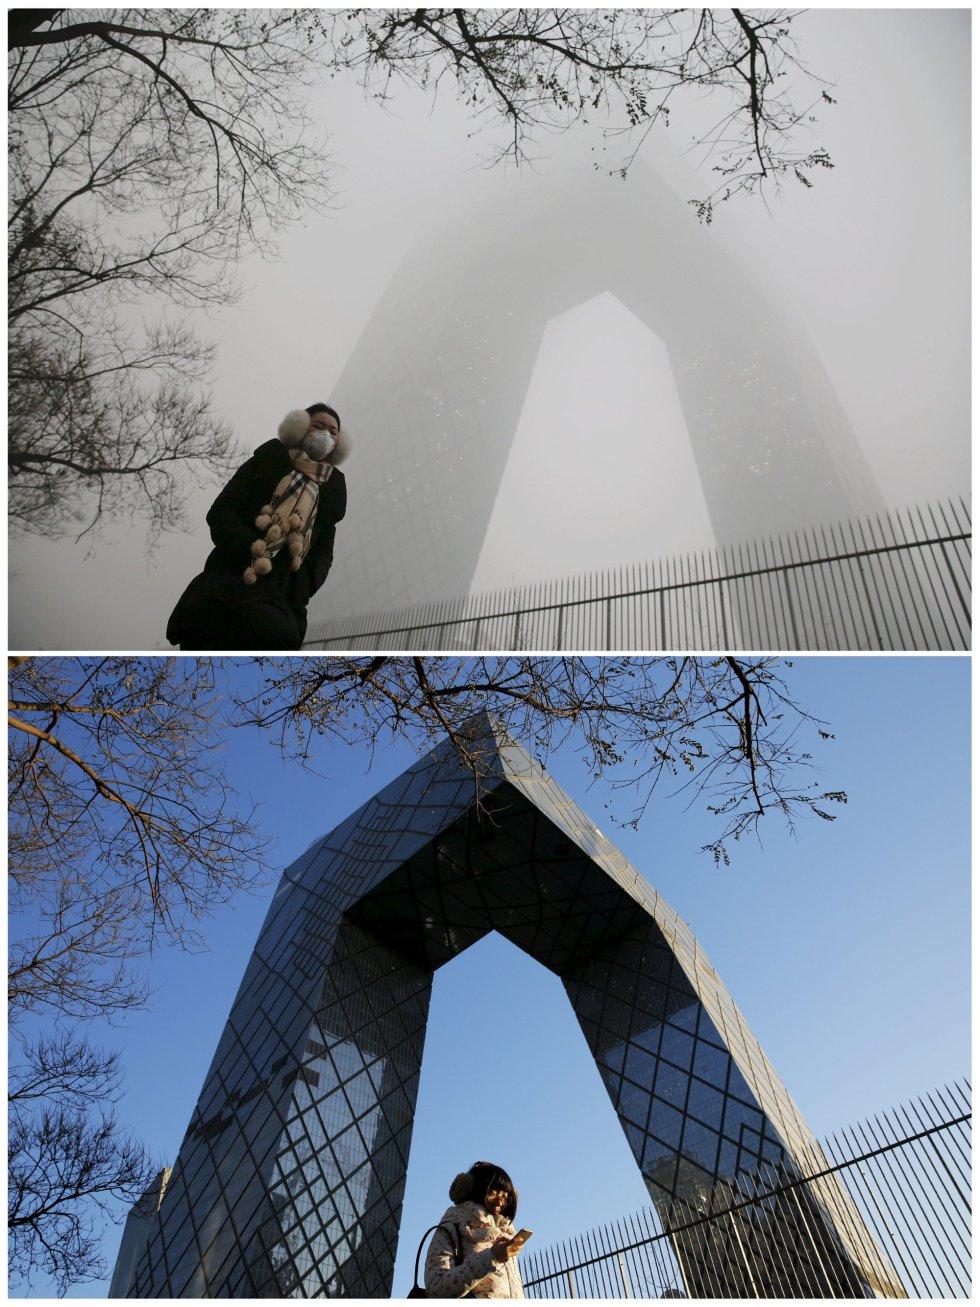 Una persona camina a los pies del edificio de la Televisión China (CCTV) bajo la contaminación y en un día soleado.